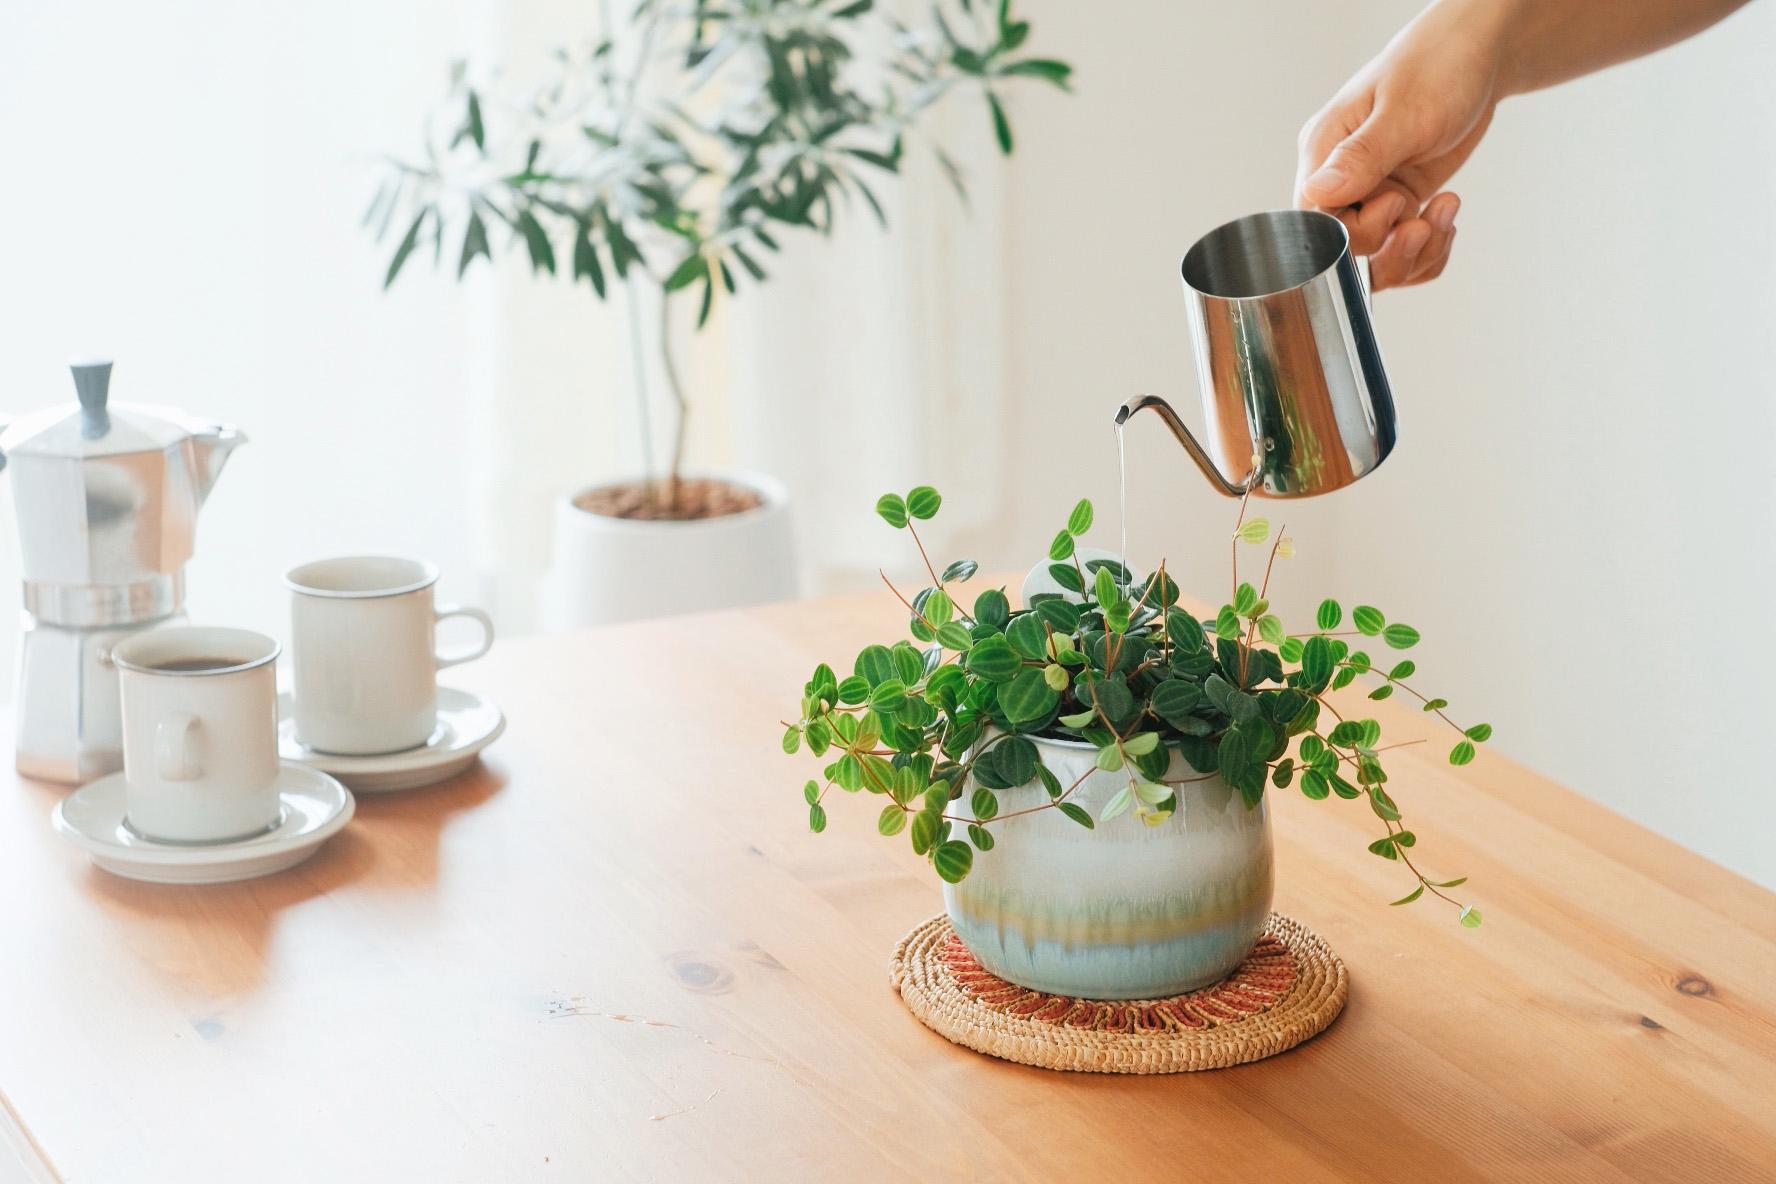 Growing people's wellbeing